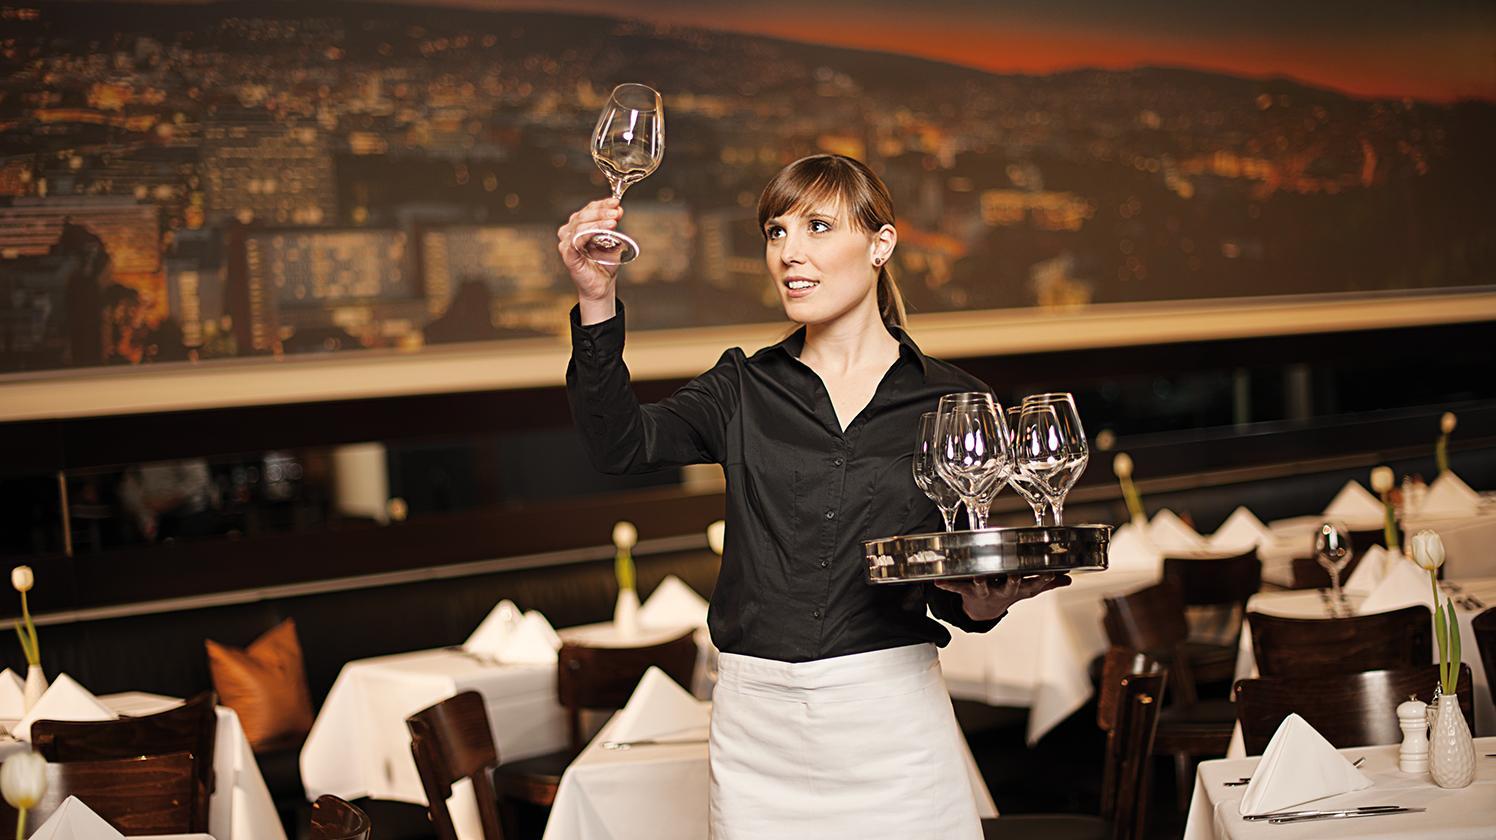 Restaurant Wasserspender Kellnerin hält Glas